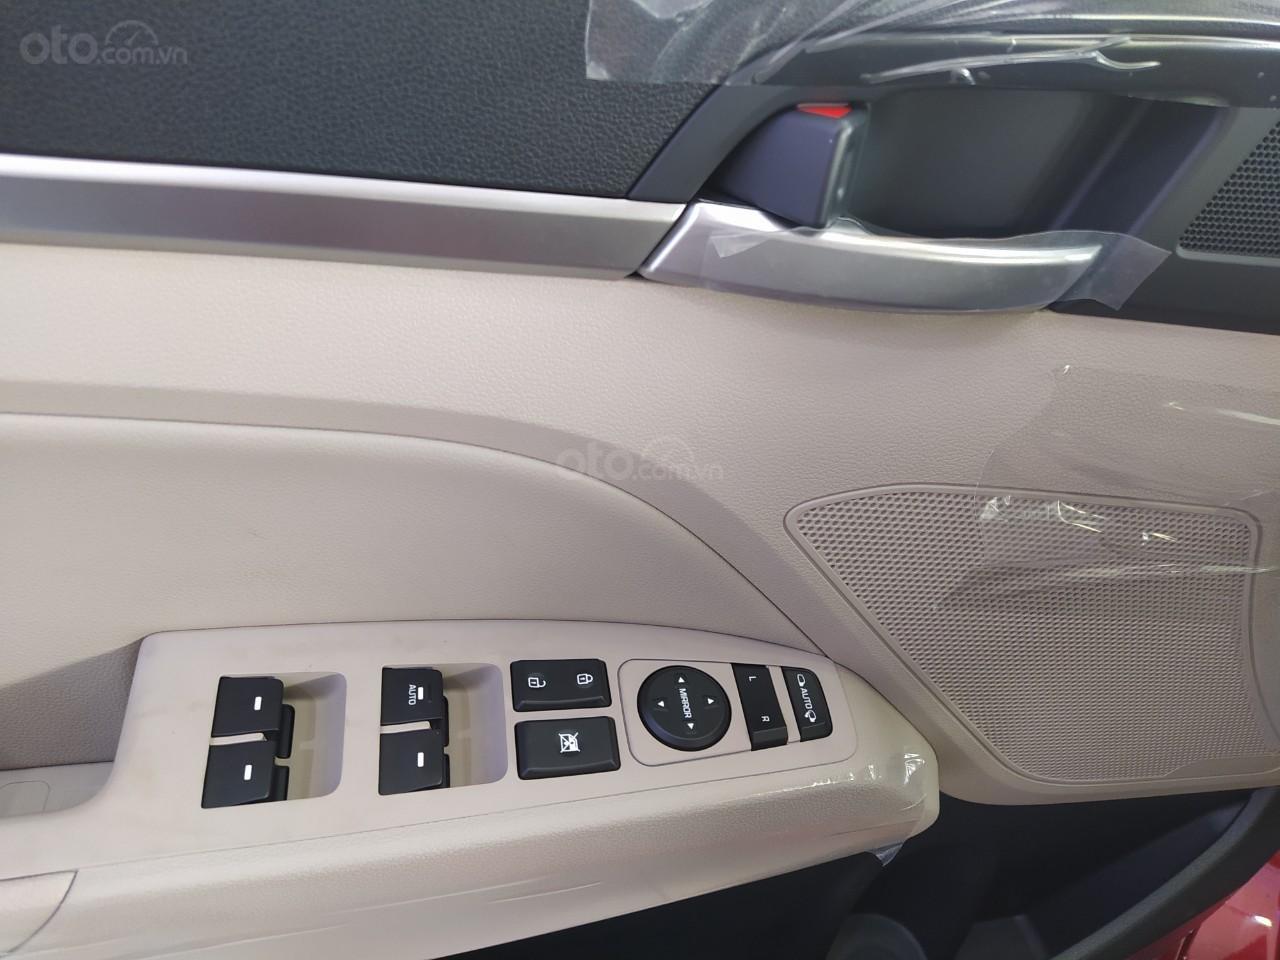 Hyundai An Phú bán Hyundai Elantra giá tốt, góp 90%, xe giao ngay, liên hệ Mr Nghĩa để được hỗ trợ tốt nhất (5)